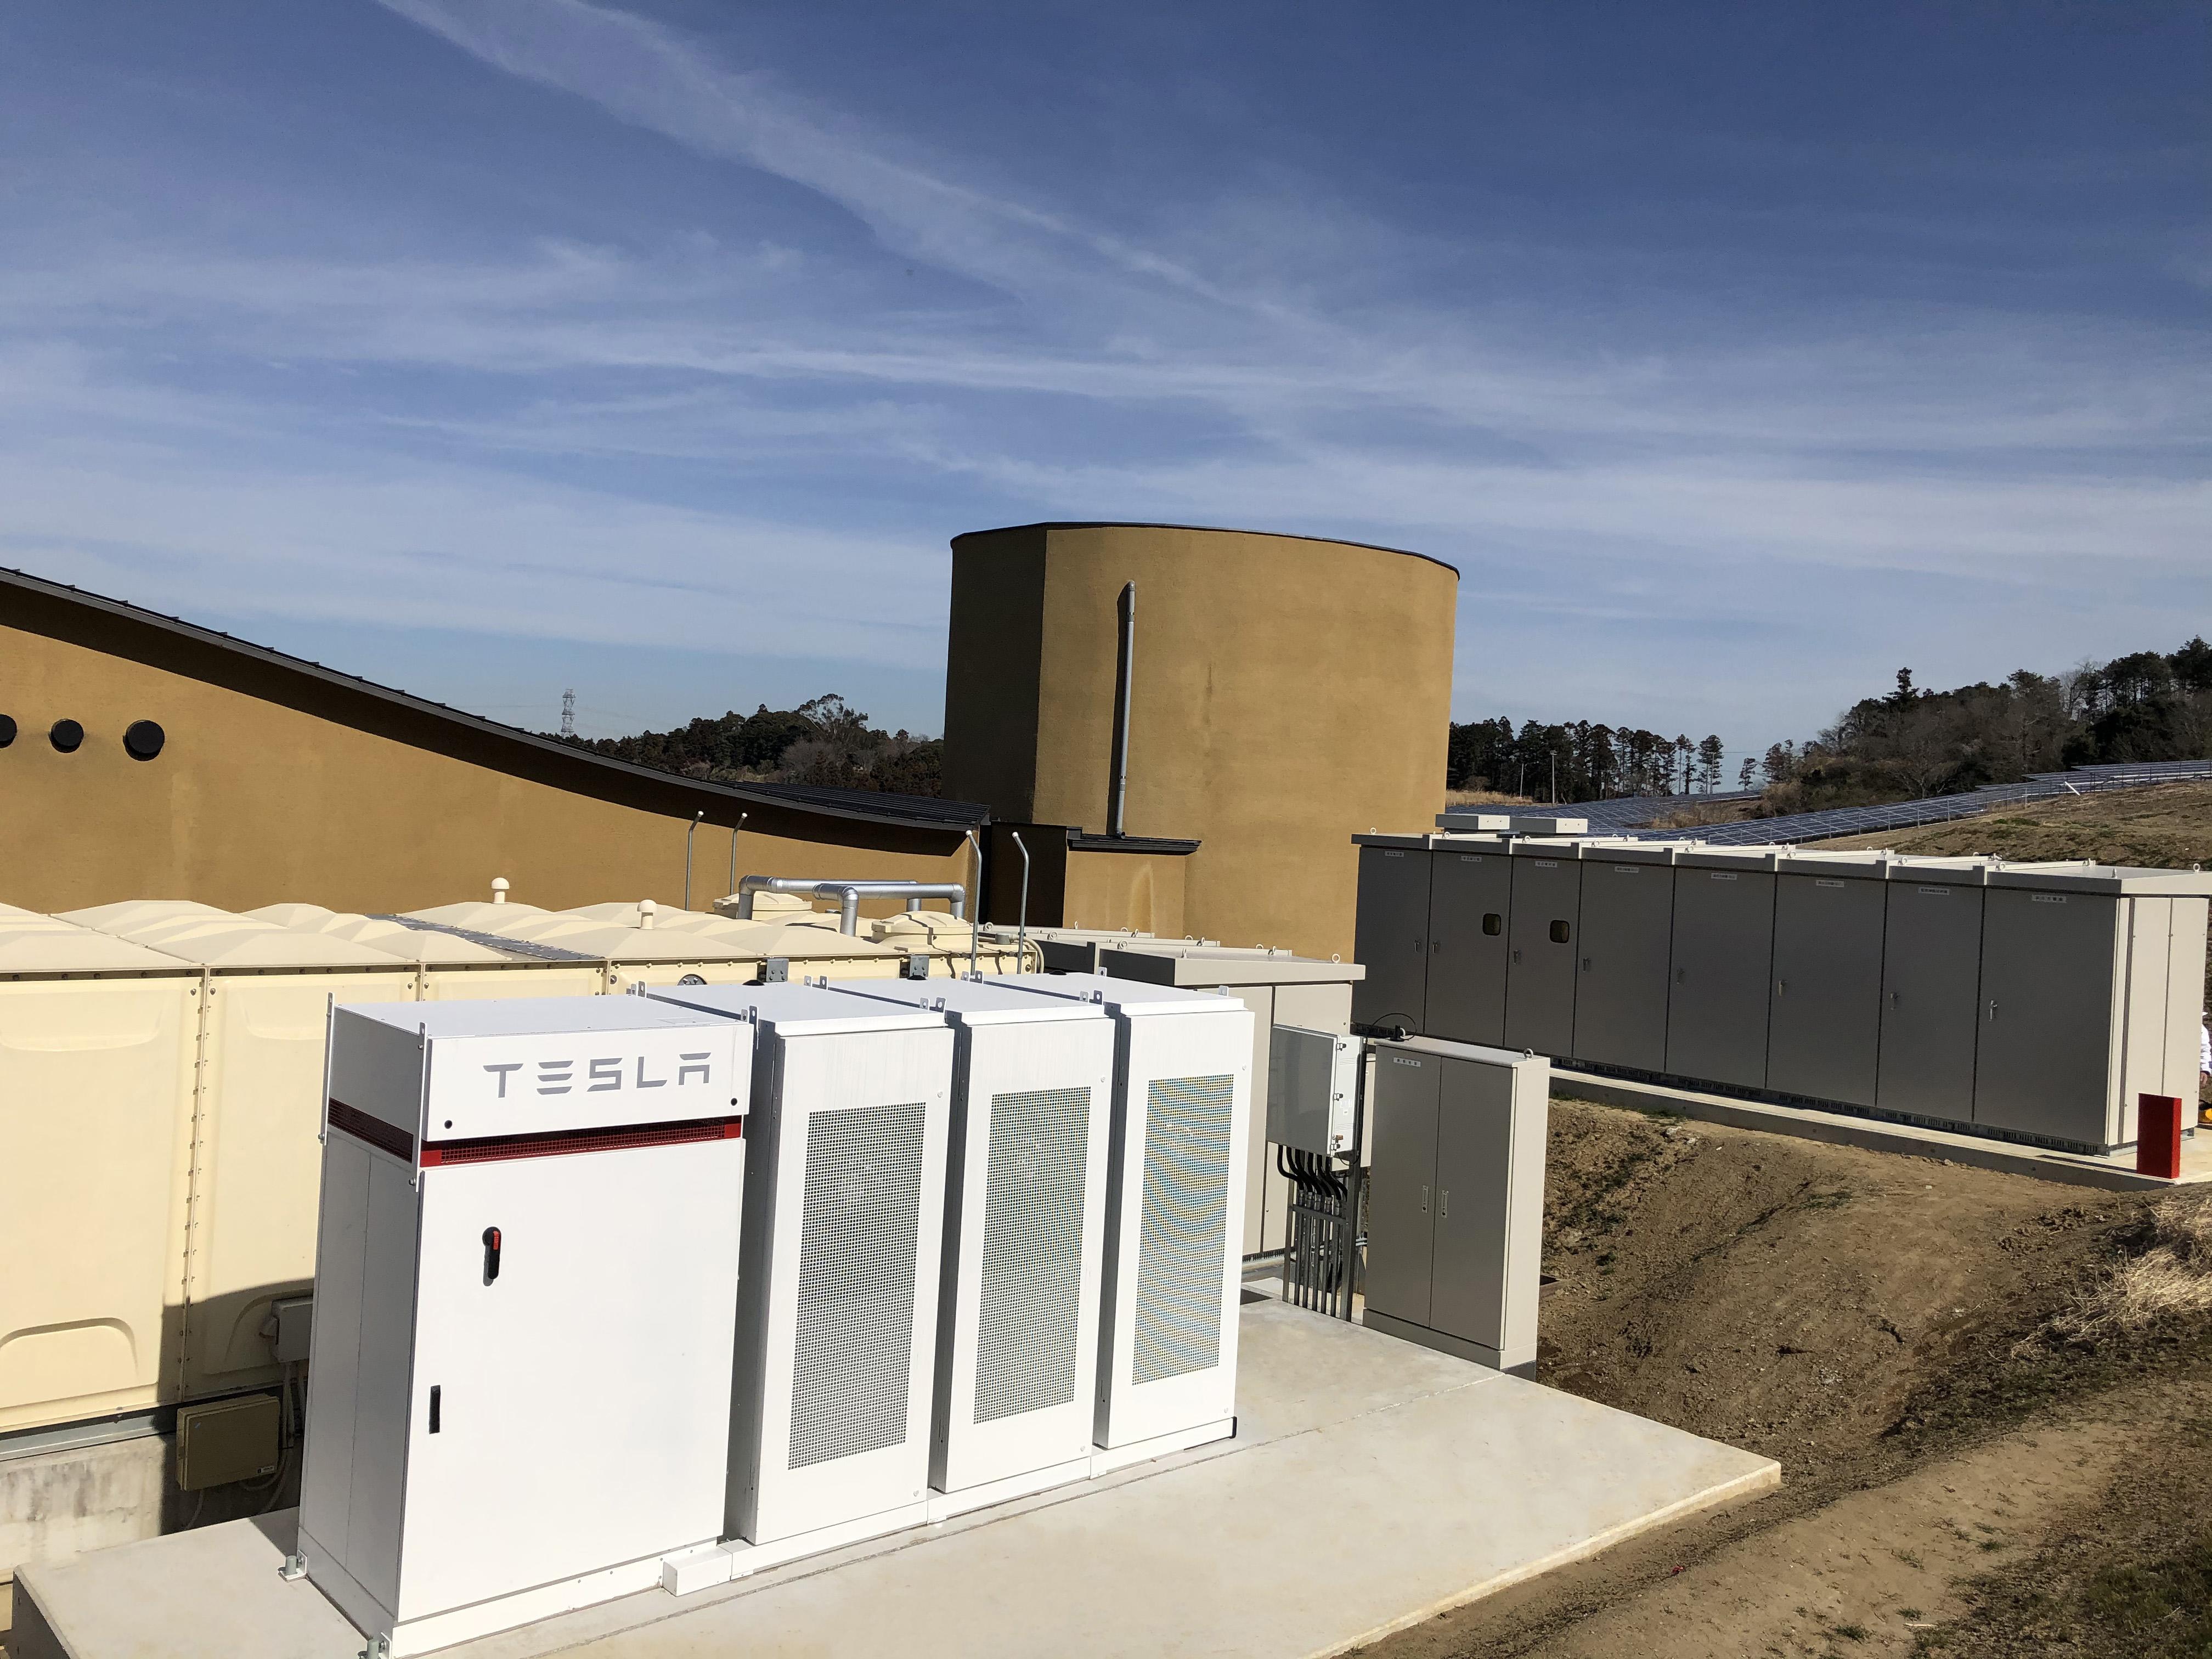 千葉県木更津市のサステナブルファーム&パーク「KURKKU FIELDS」に 防災・減災を目的としたマイクログリッド設備の導入を実施